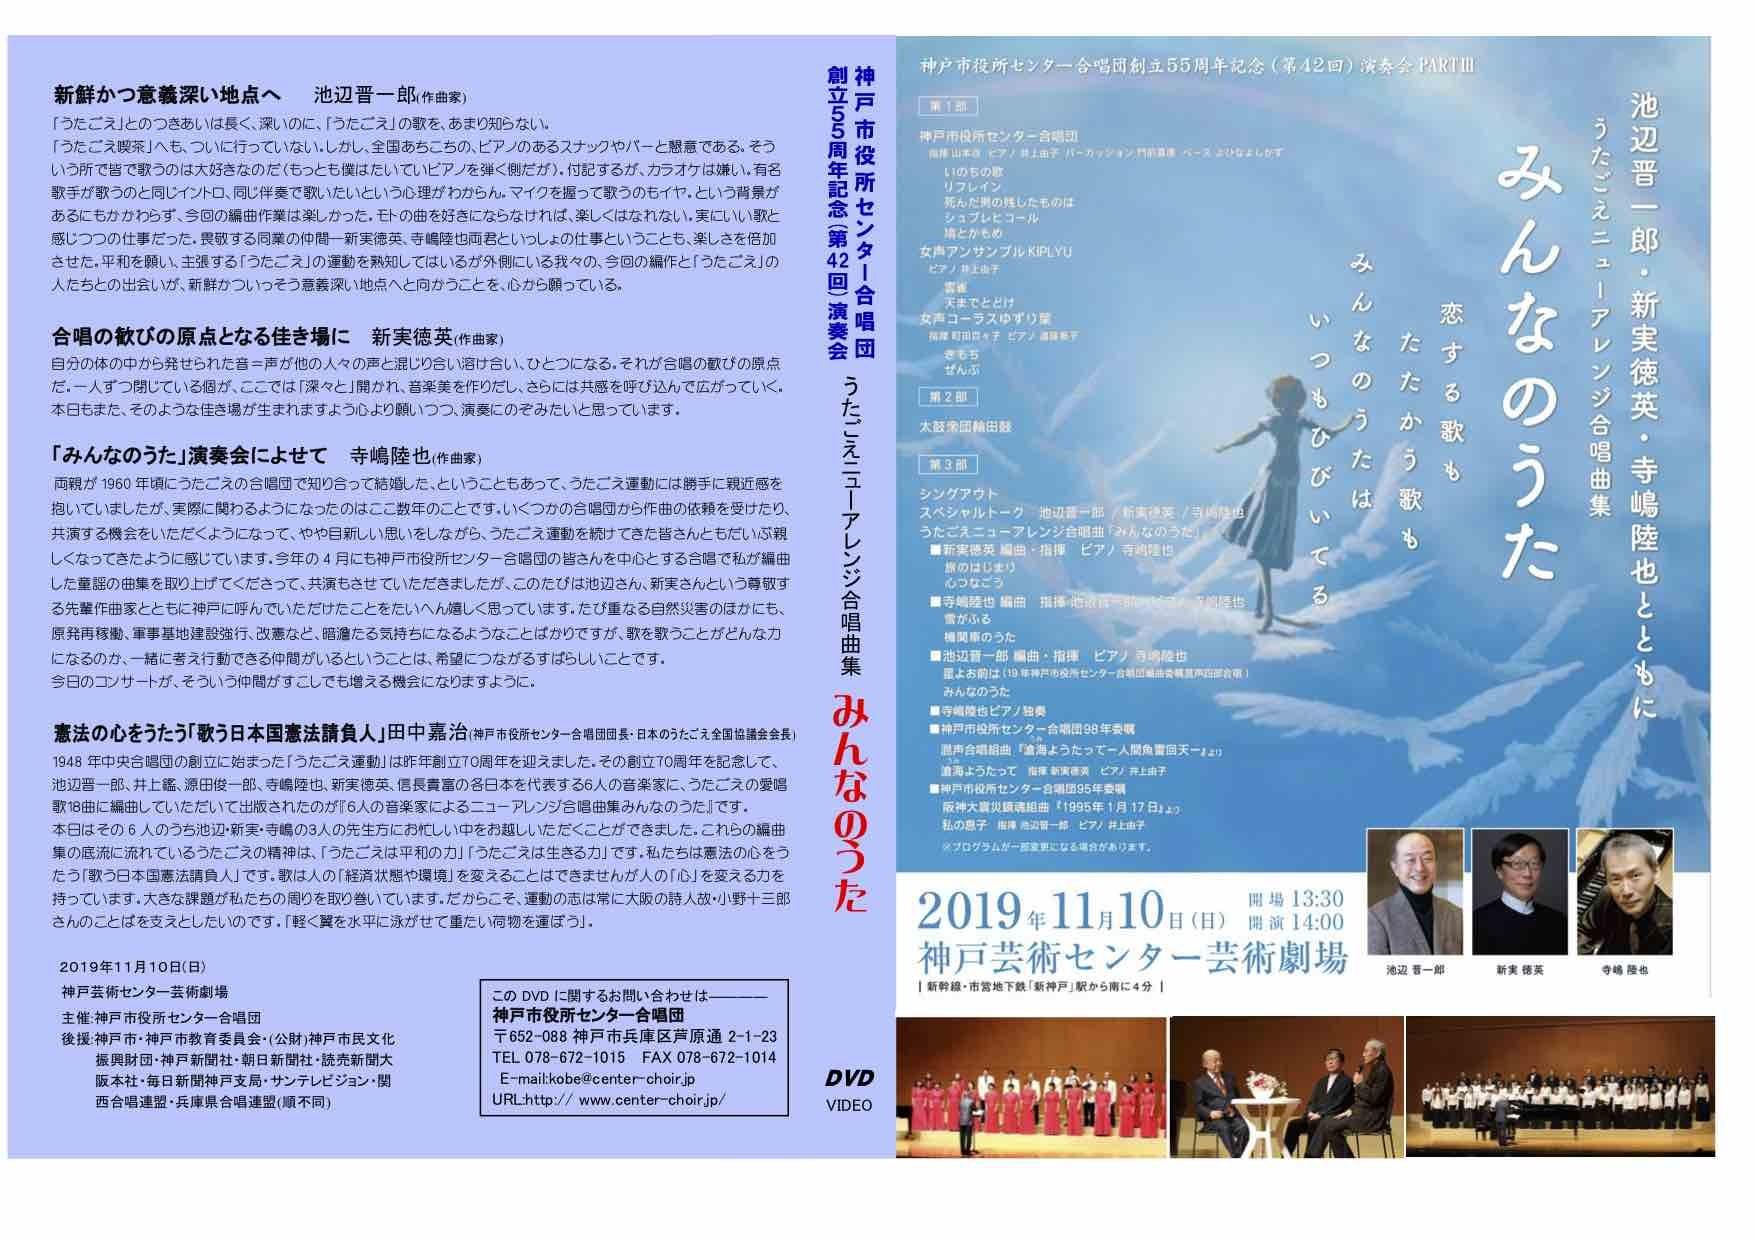 神戸市役所センター合唱団創立55周年記念(第42回)演奏会 DVD